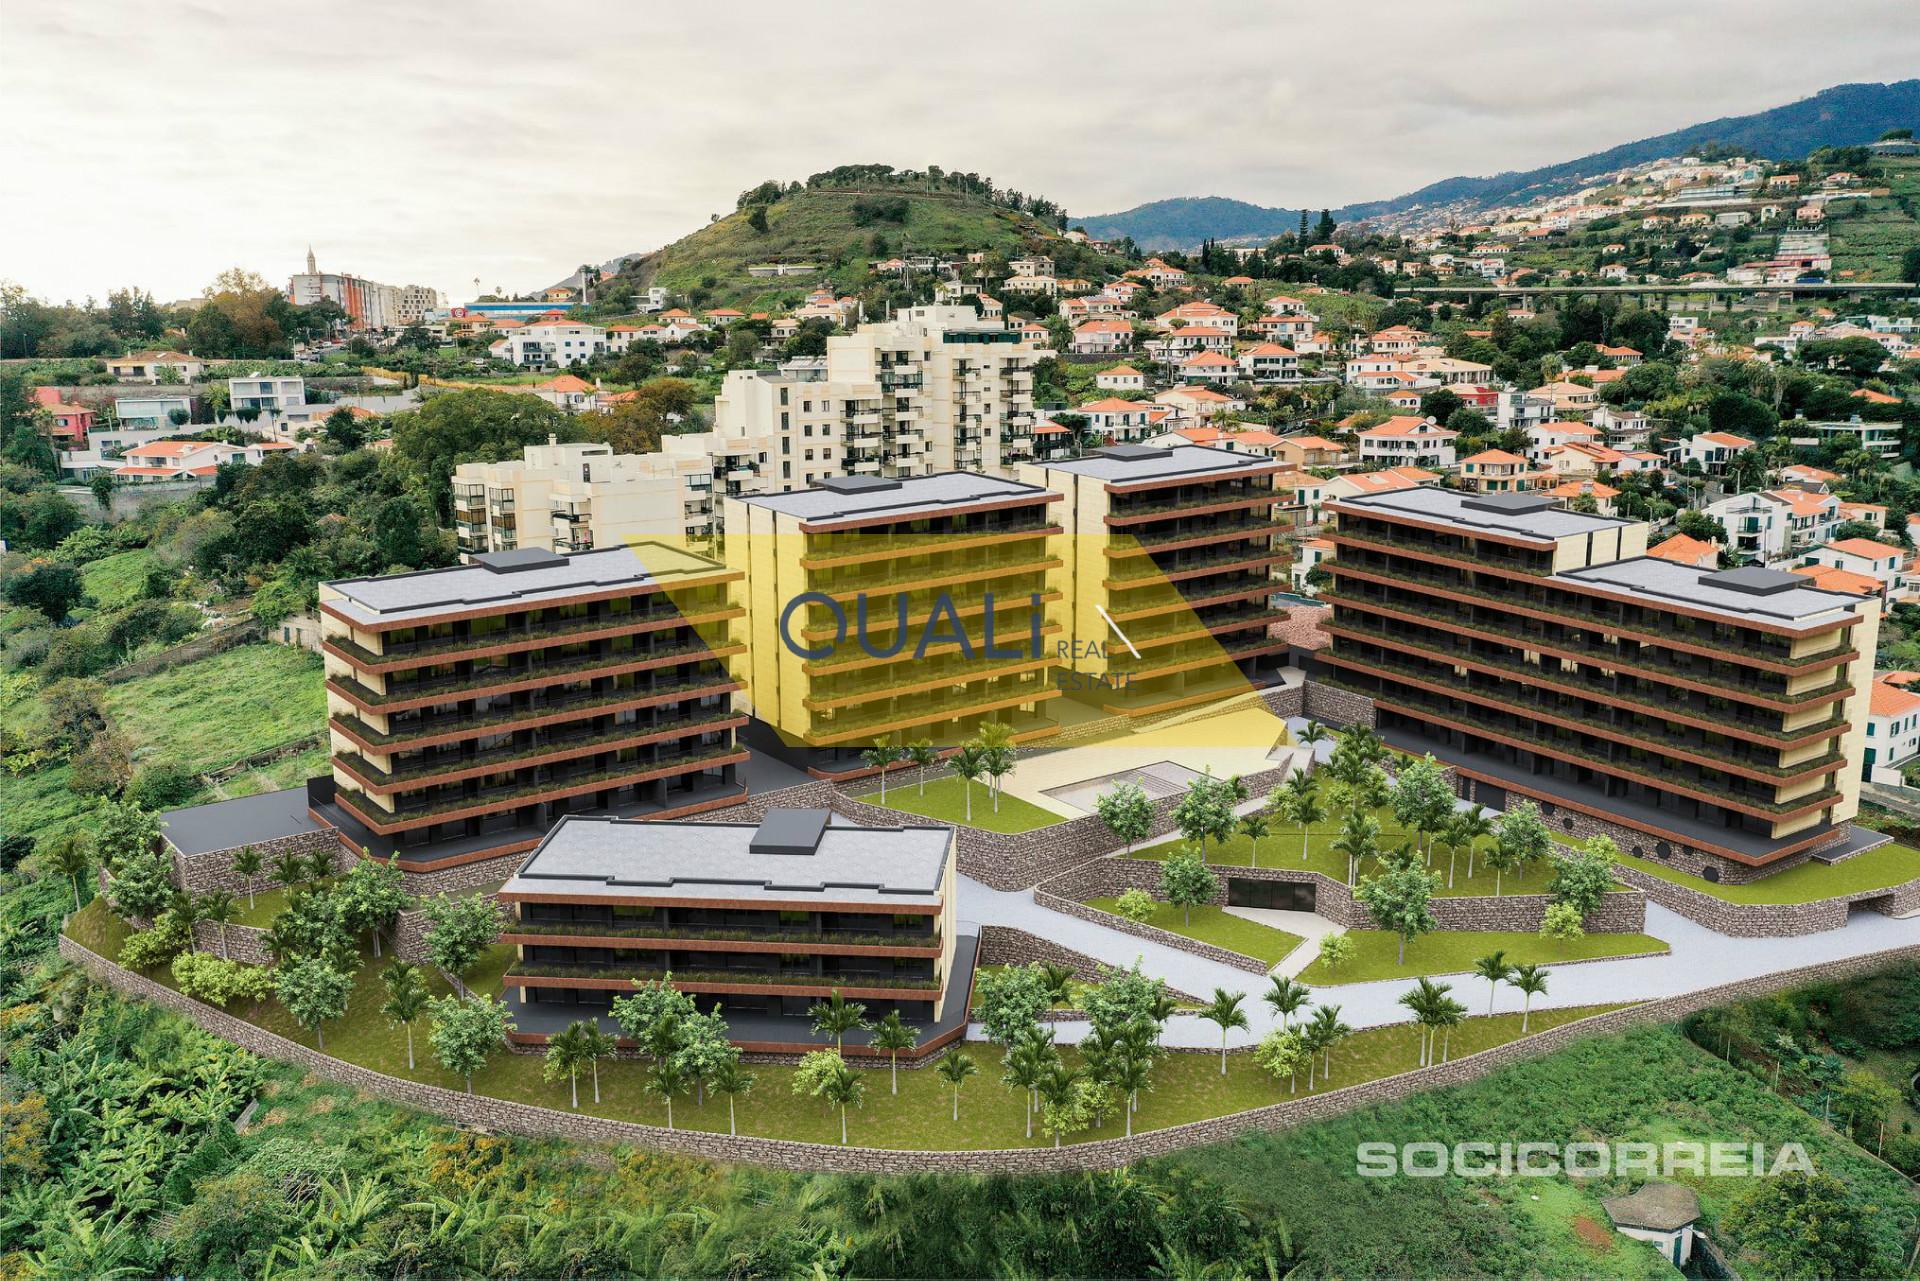 Negozio commerciale in vendita nelle virtù, Funchal - Isola di Madeira - € 450.000,00